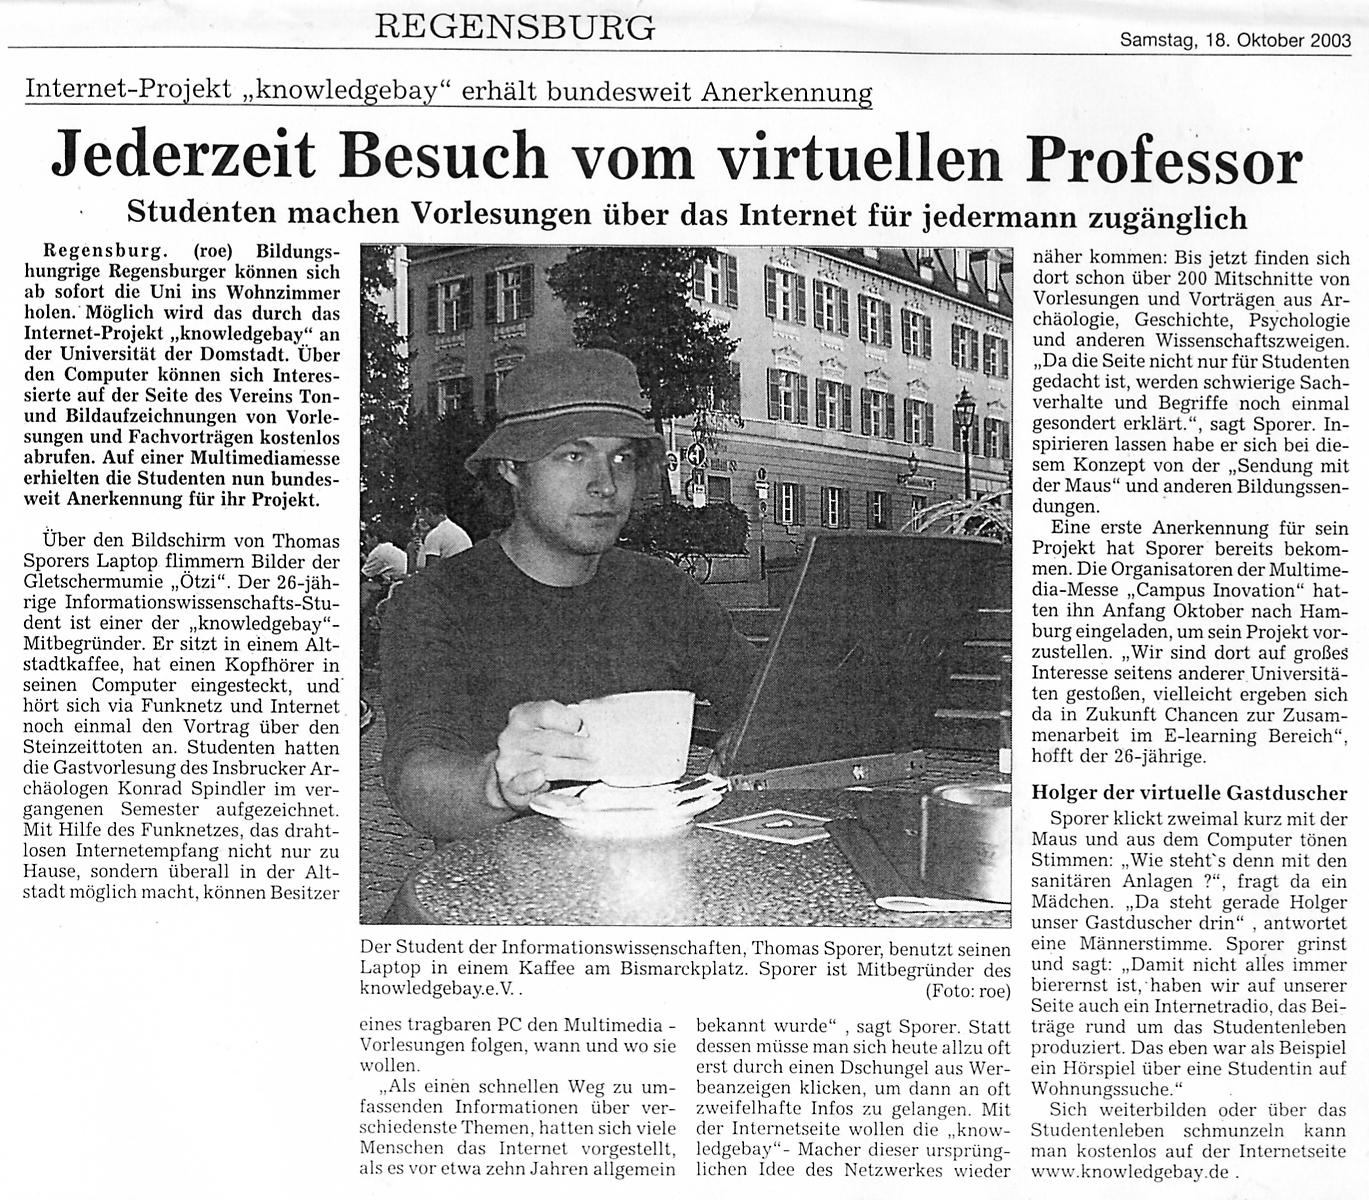 Artikel in der Donaupost